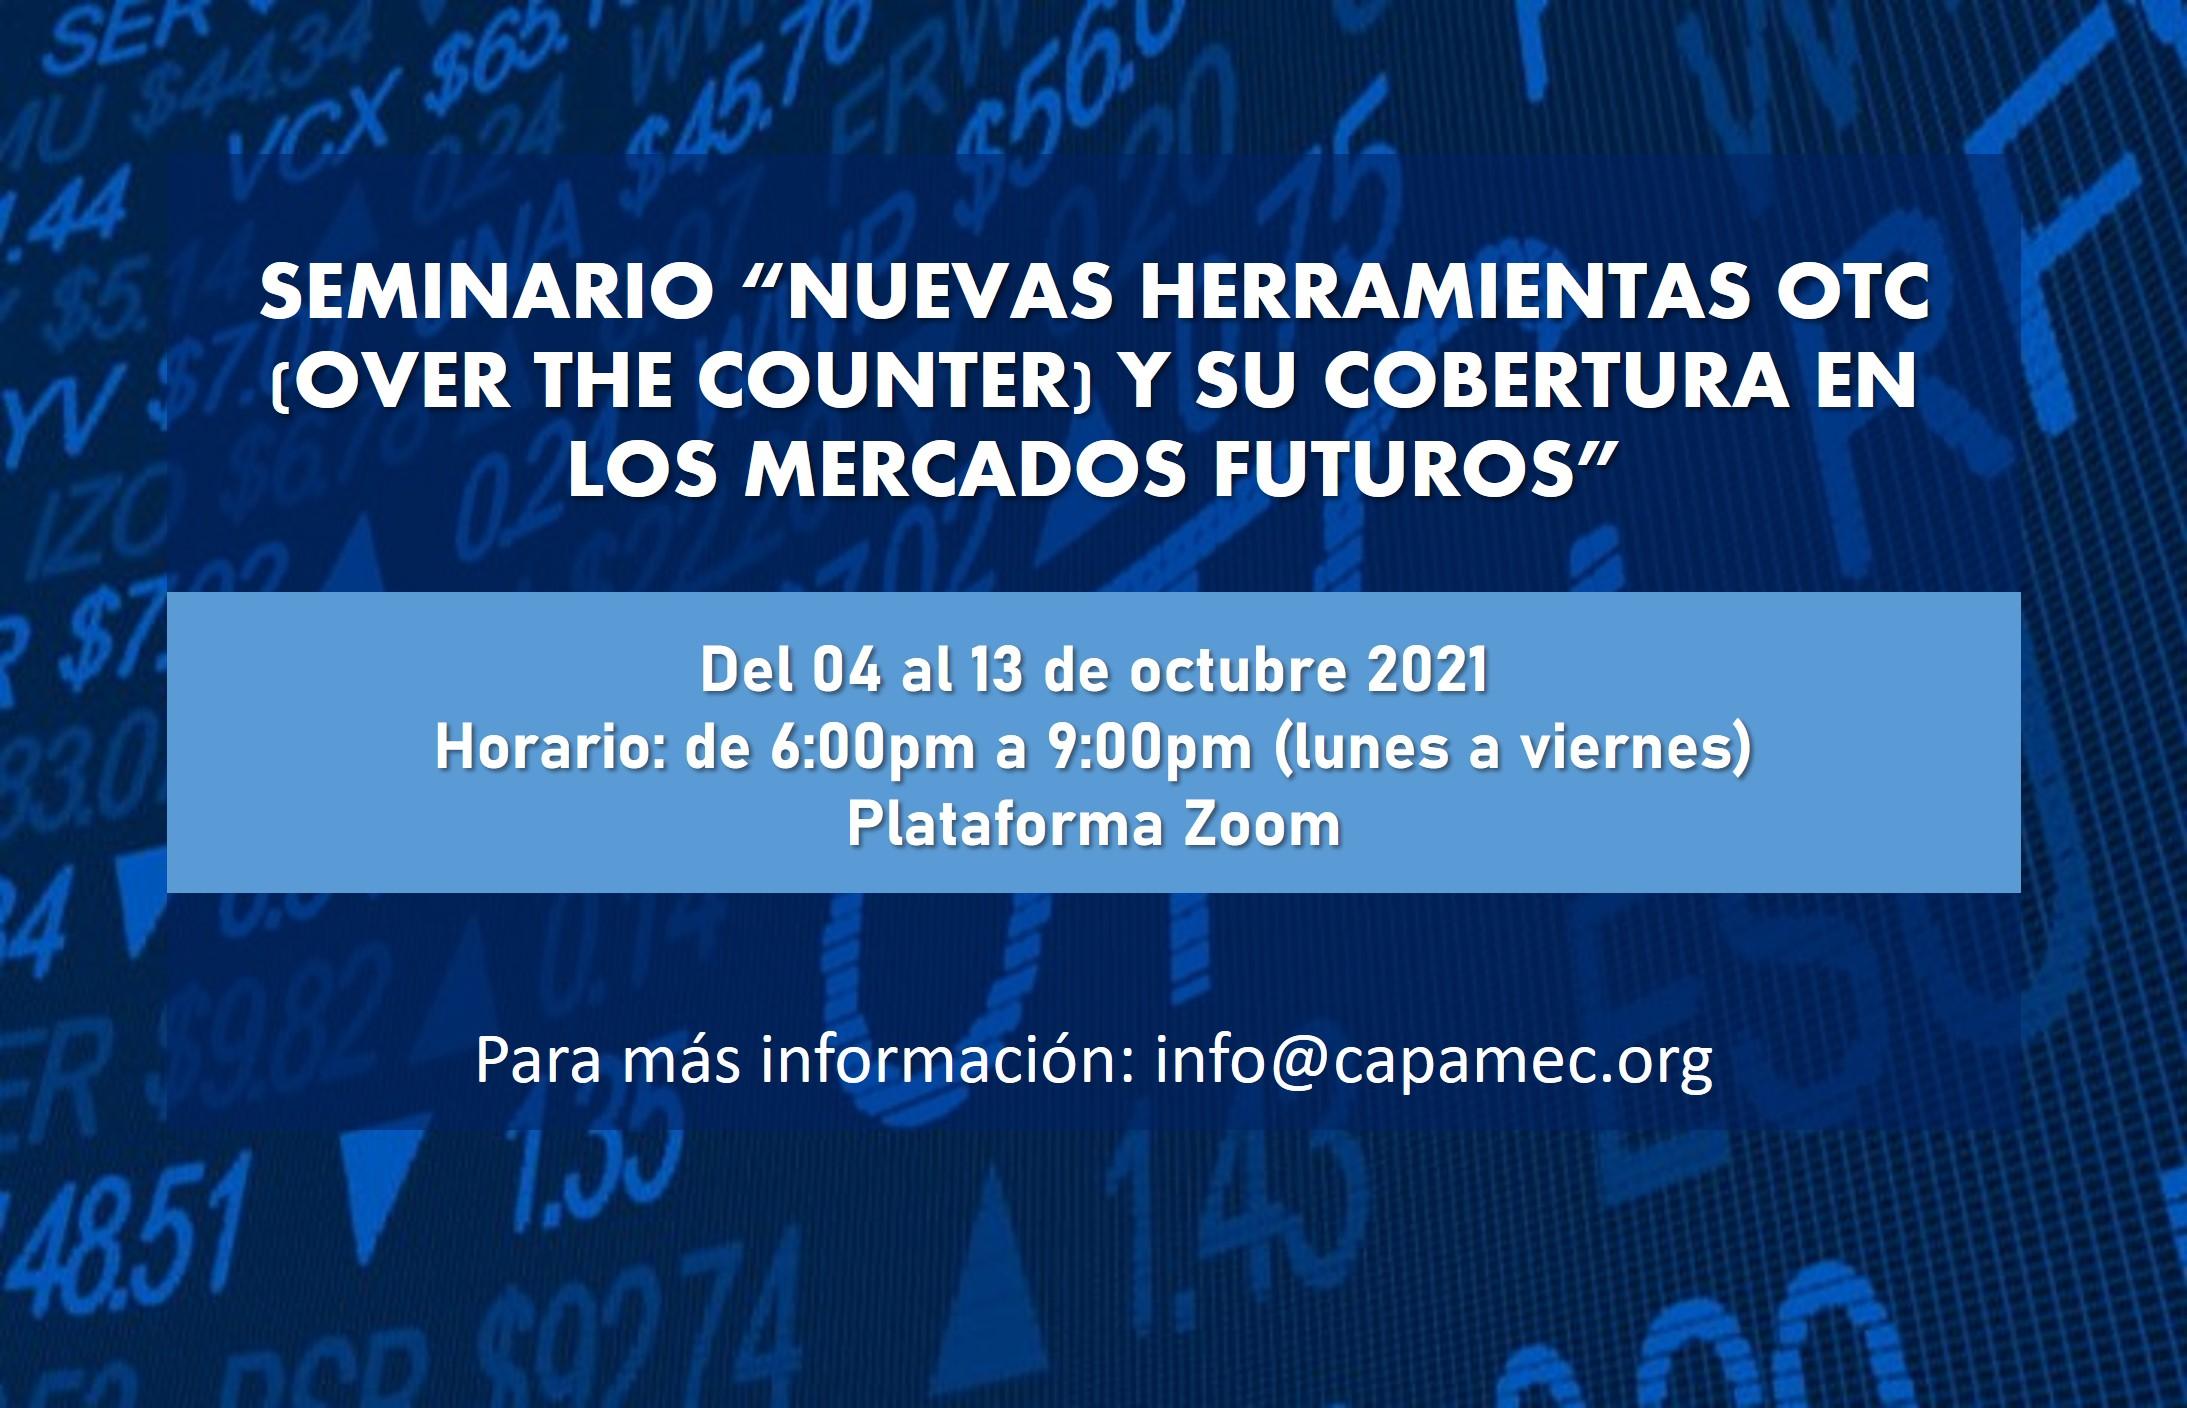 Afiche Seminario OTC octubre 2021 small